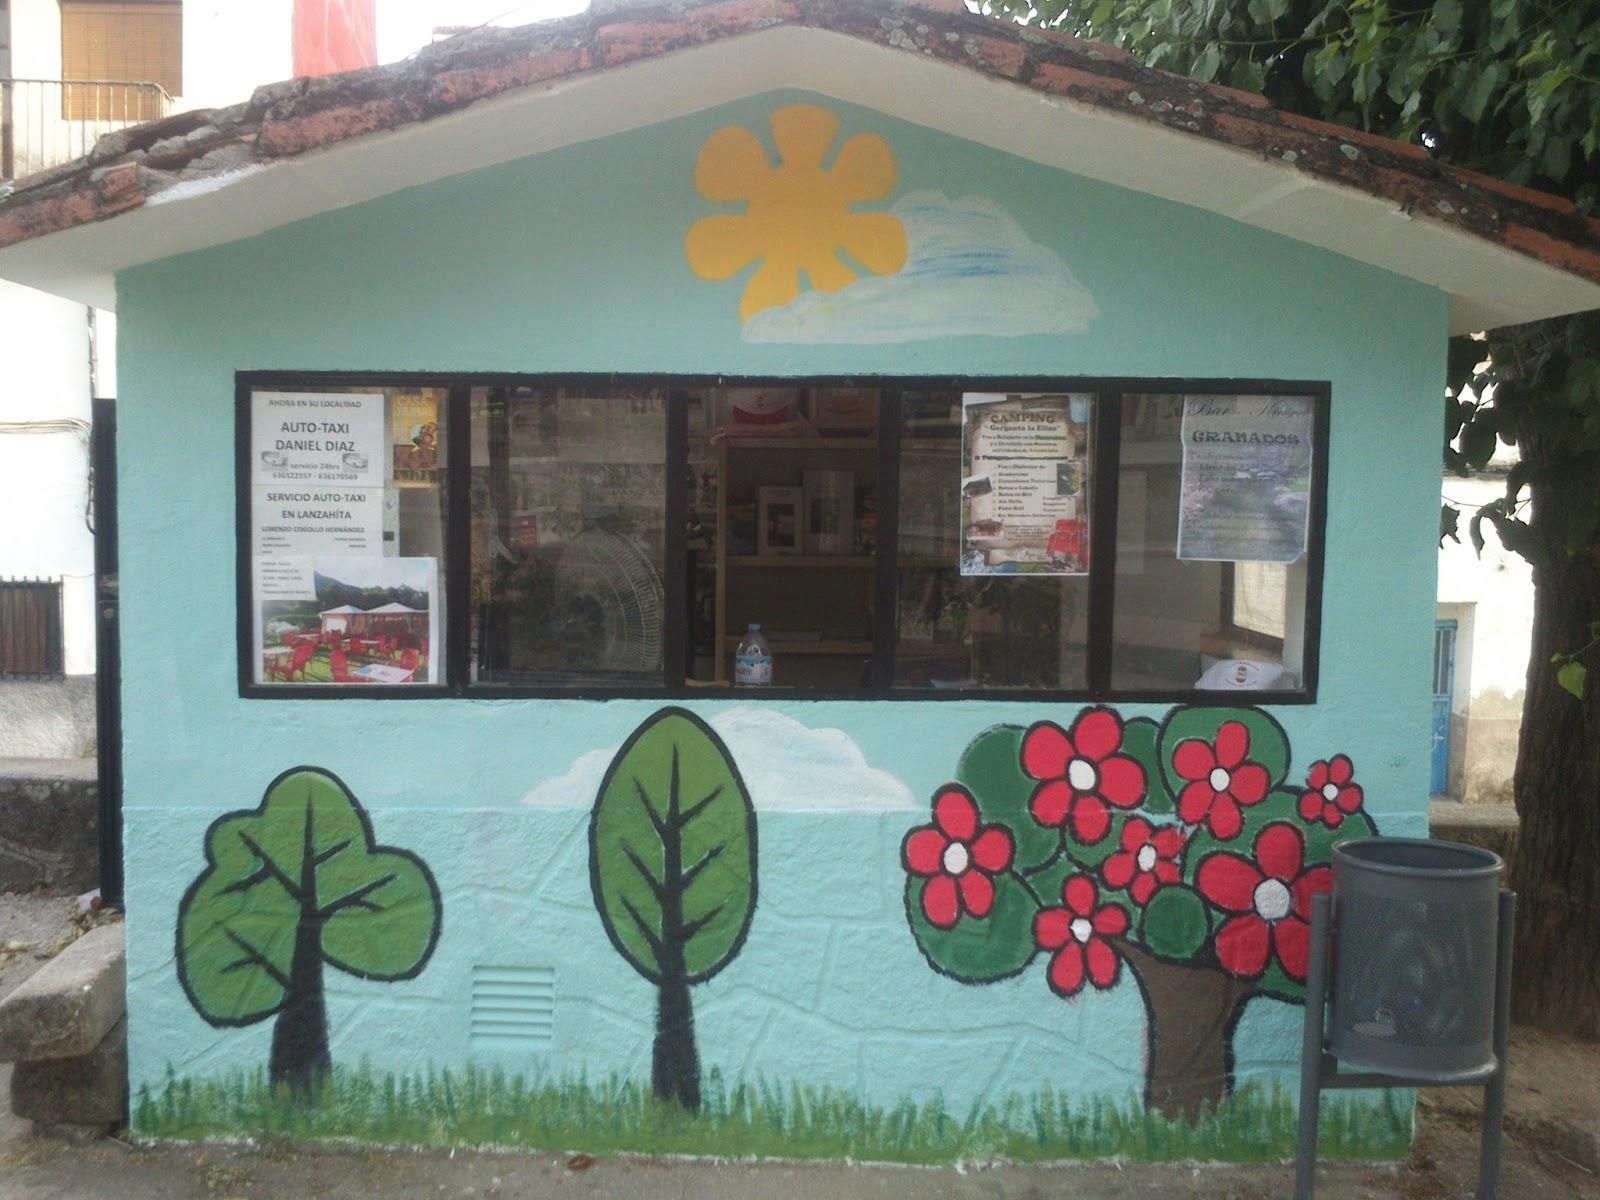 Concejal a de cultura de lanzah ta oficina de informaci n for Oficina de informacion turistica